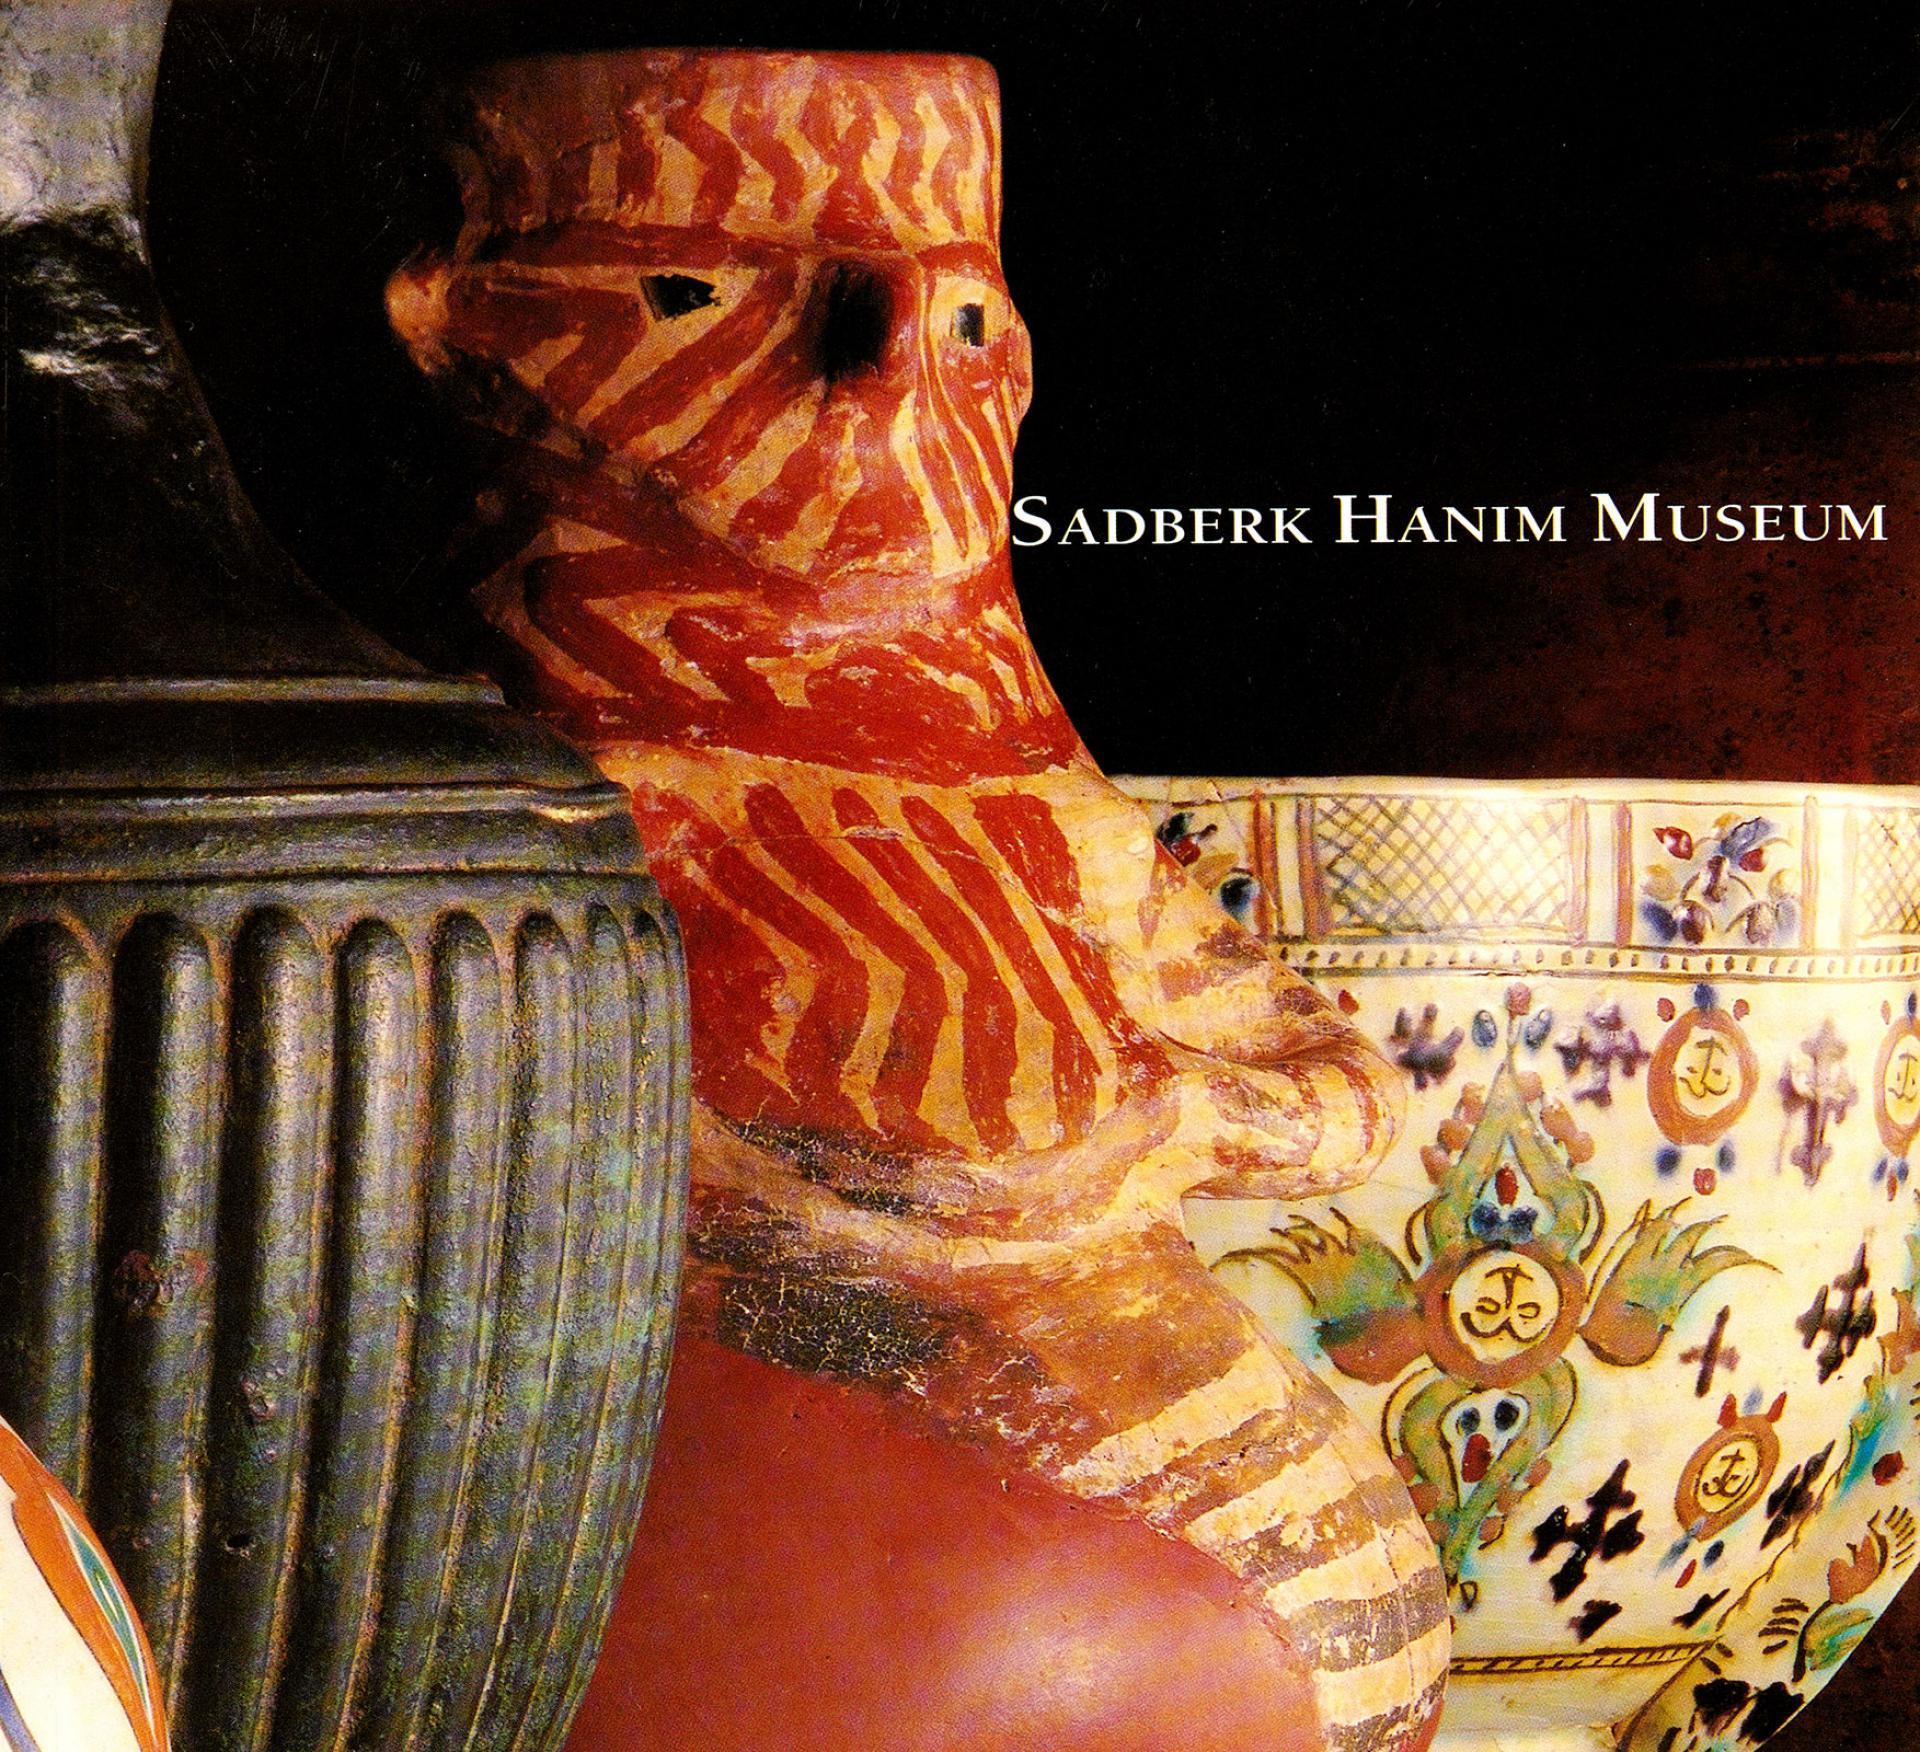 Sadberk Hanım Museum Catalogue - BOOKS - Sadberk Hanım Museum